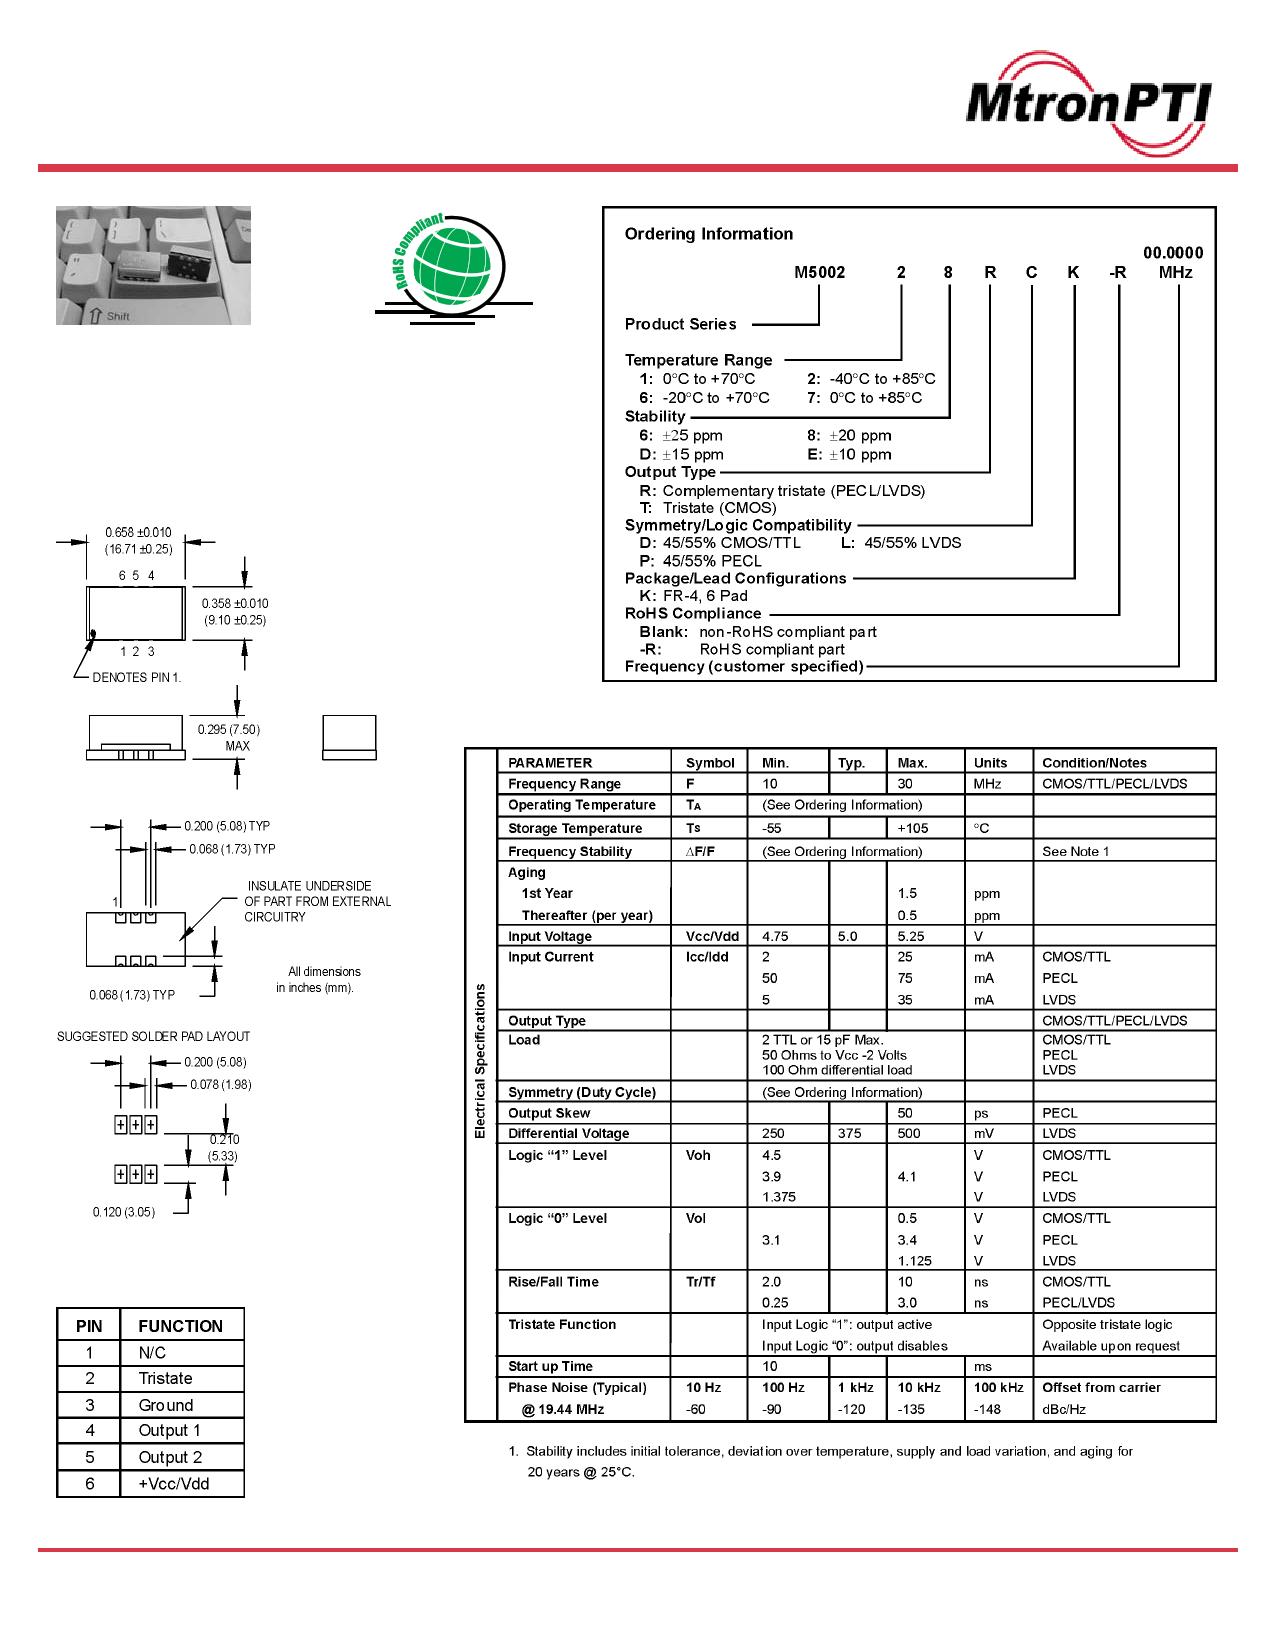 M5002 datasheet